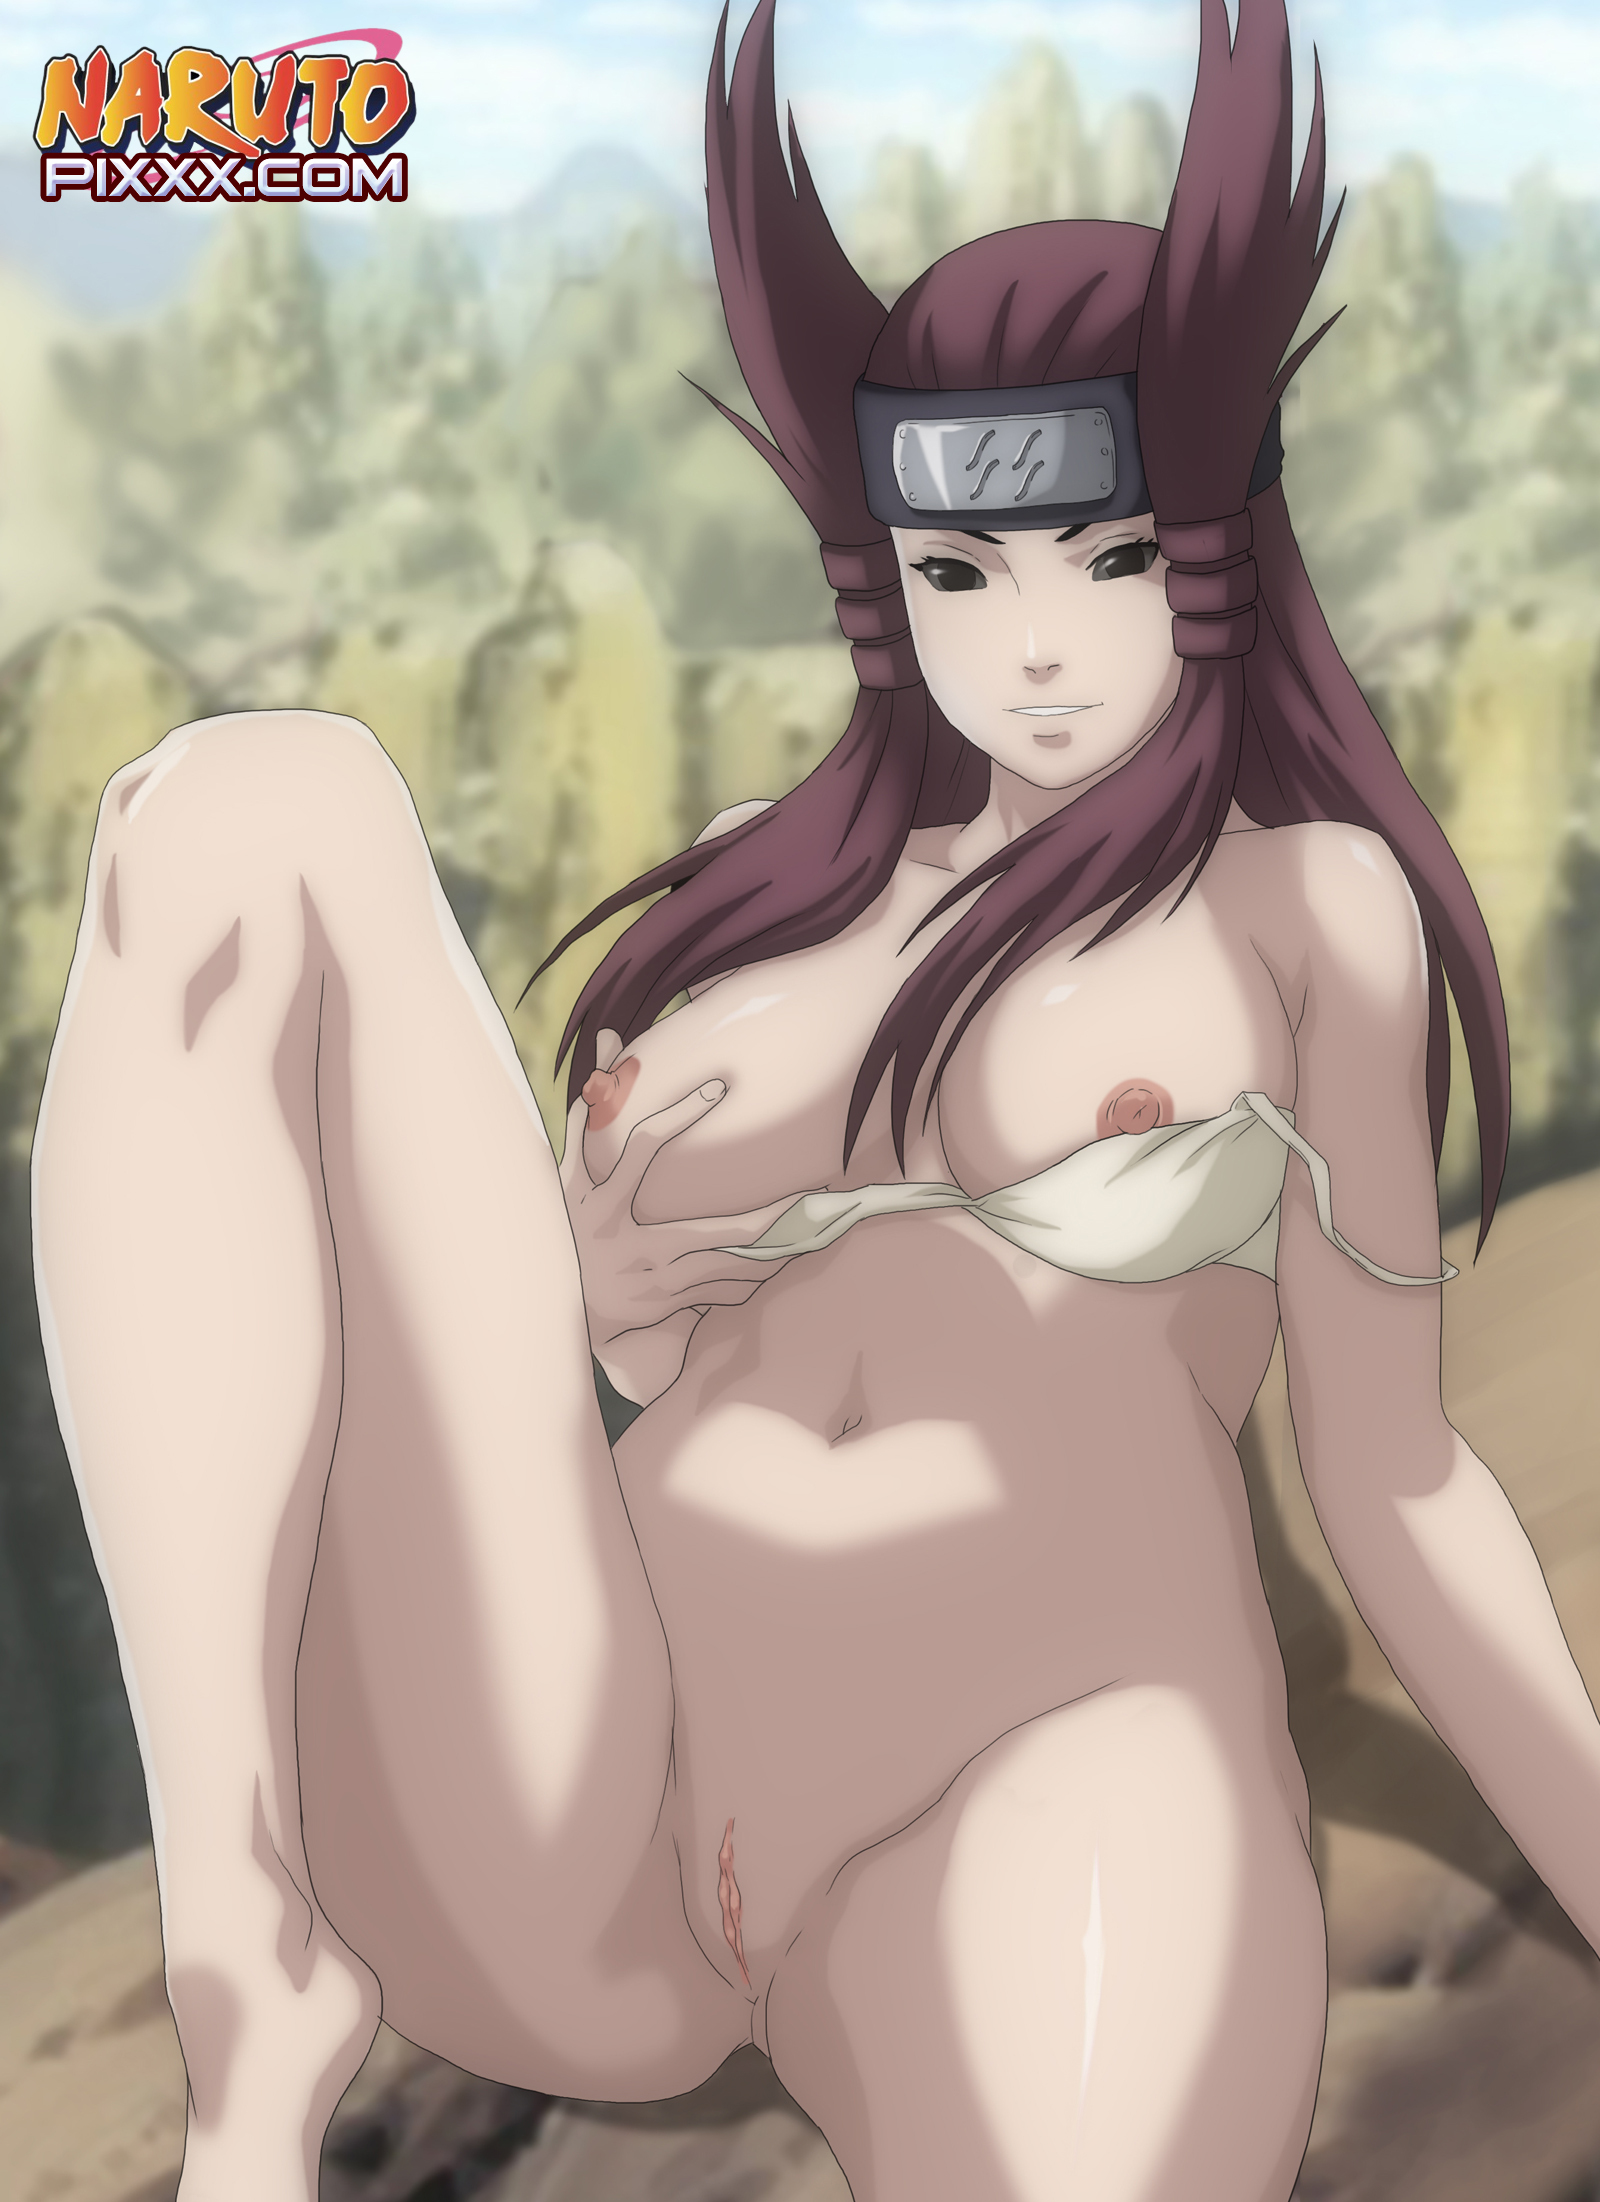 Naruto Pixxx Hentai Toda la Colección + Actualizaciones I